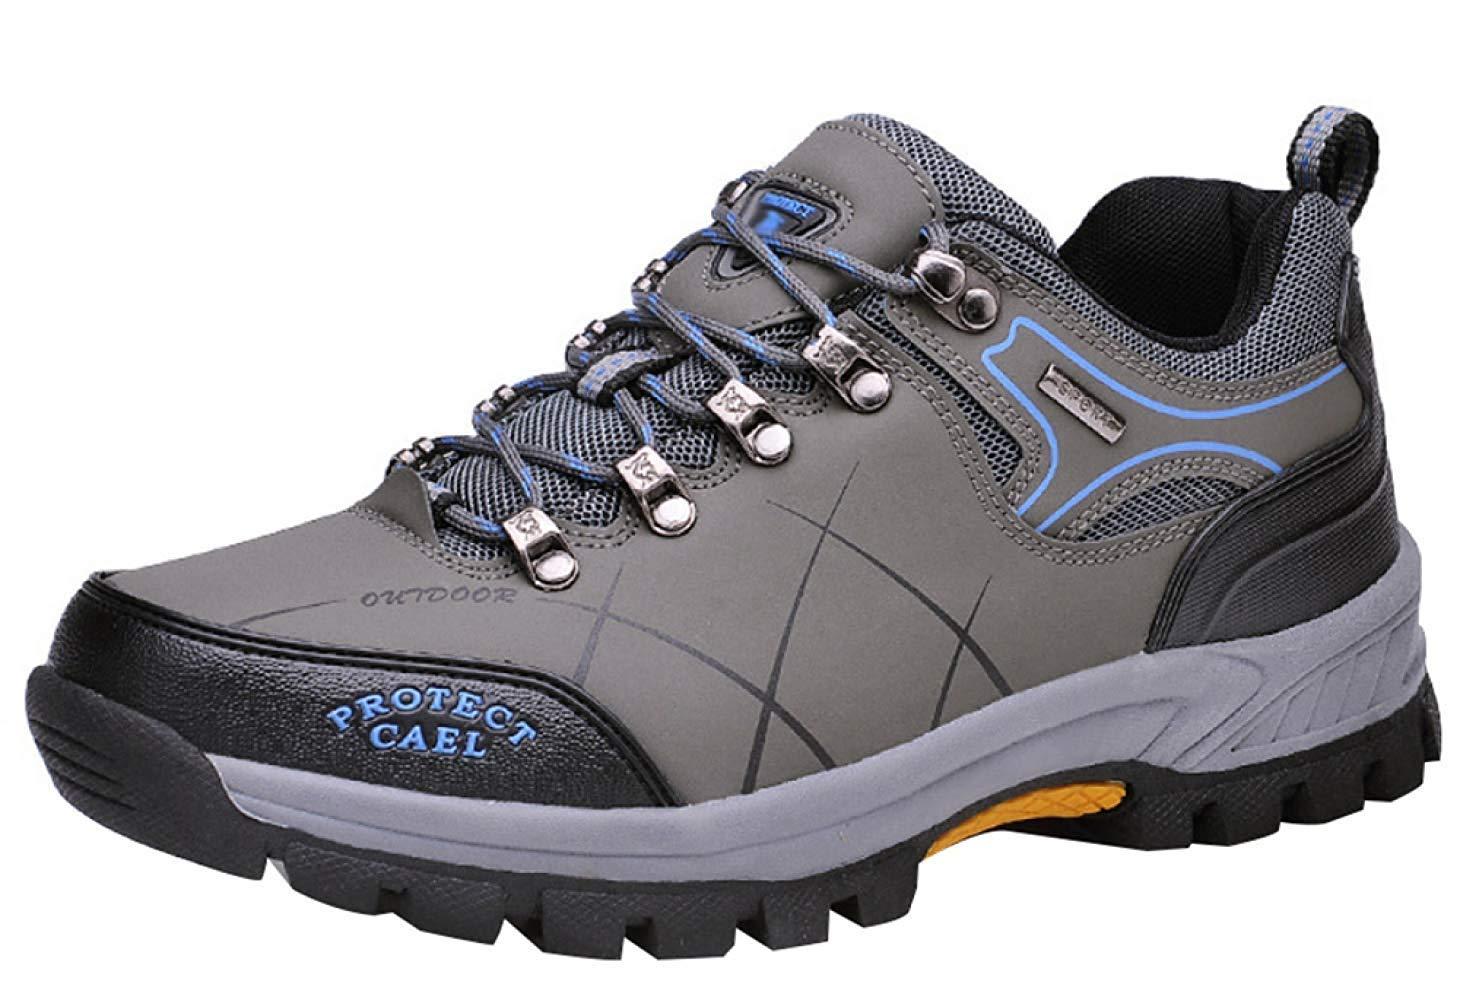 Fuxitoggo Männer Wanderschuhe Stiefel Leder Wanderschuhe Turnschuhe Für Outdoor Trekking Training Beiläufige Arbeit (Farbe   8, Größe   39EU)